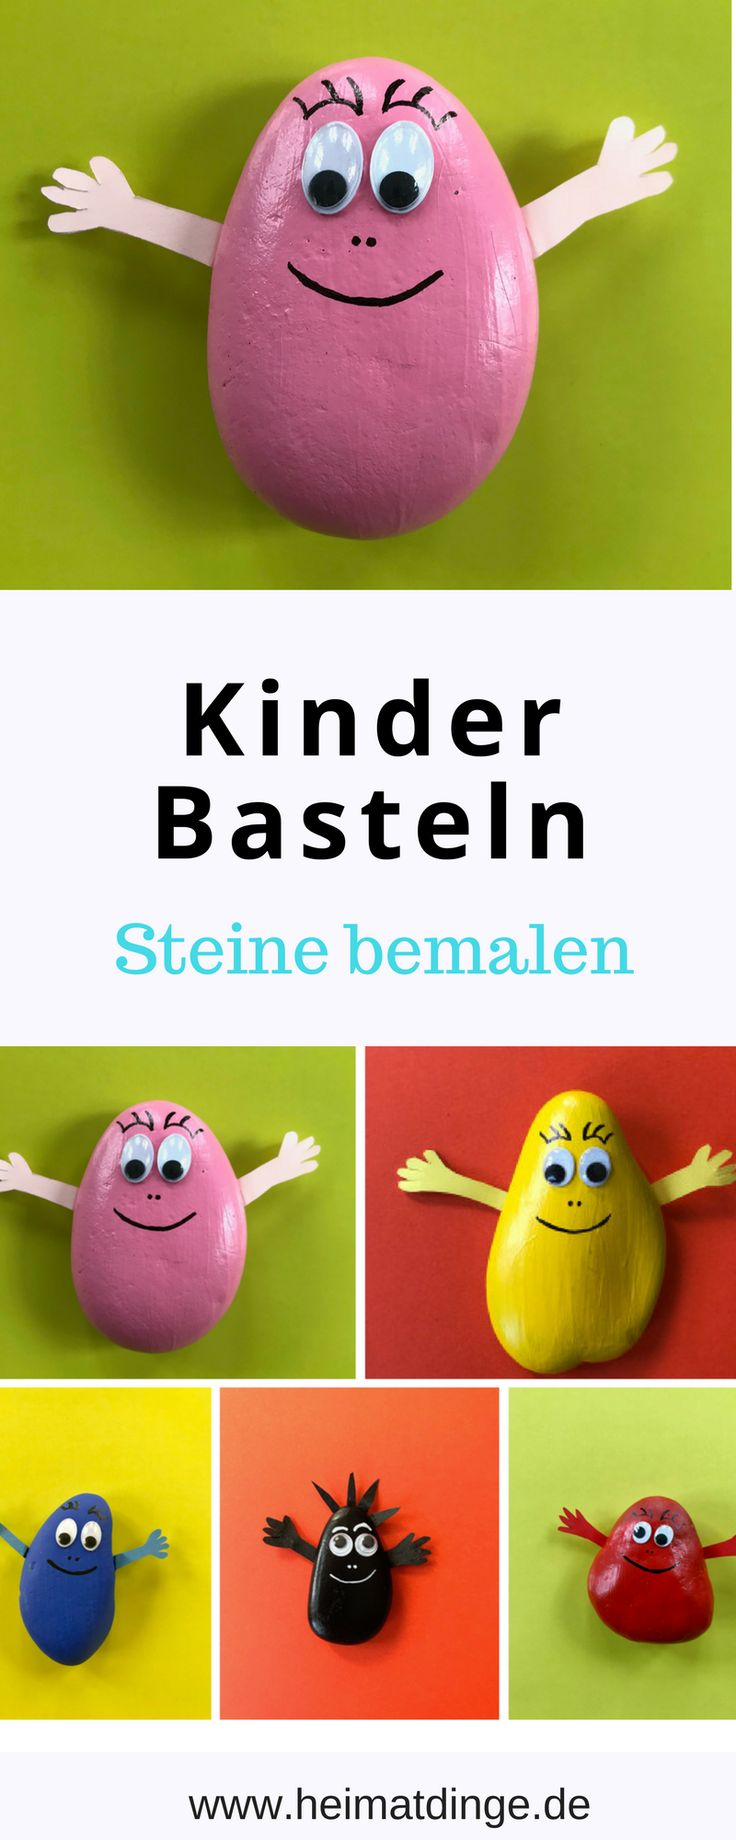 Steine bemalen mit Kindern – viele bezaubernde Motive –  – heimatdinge – Bastel- und Upcycling Ideen für Kinder & Familien